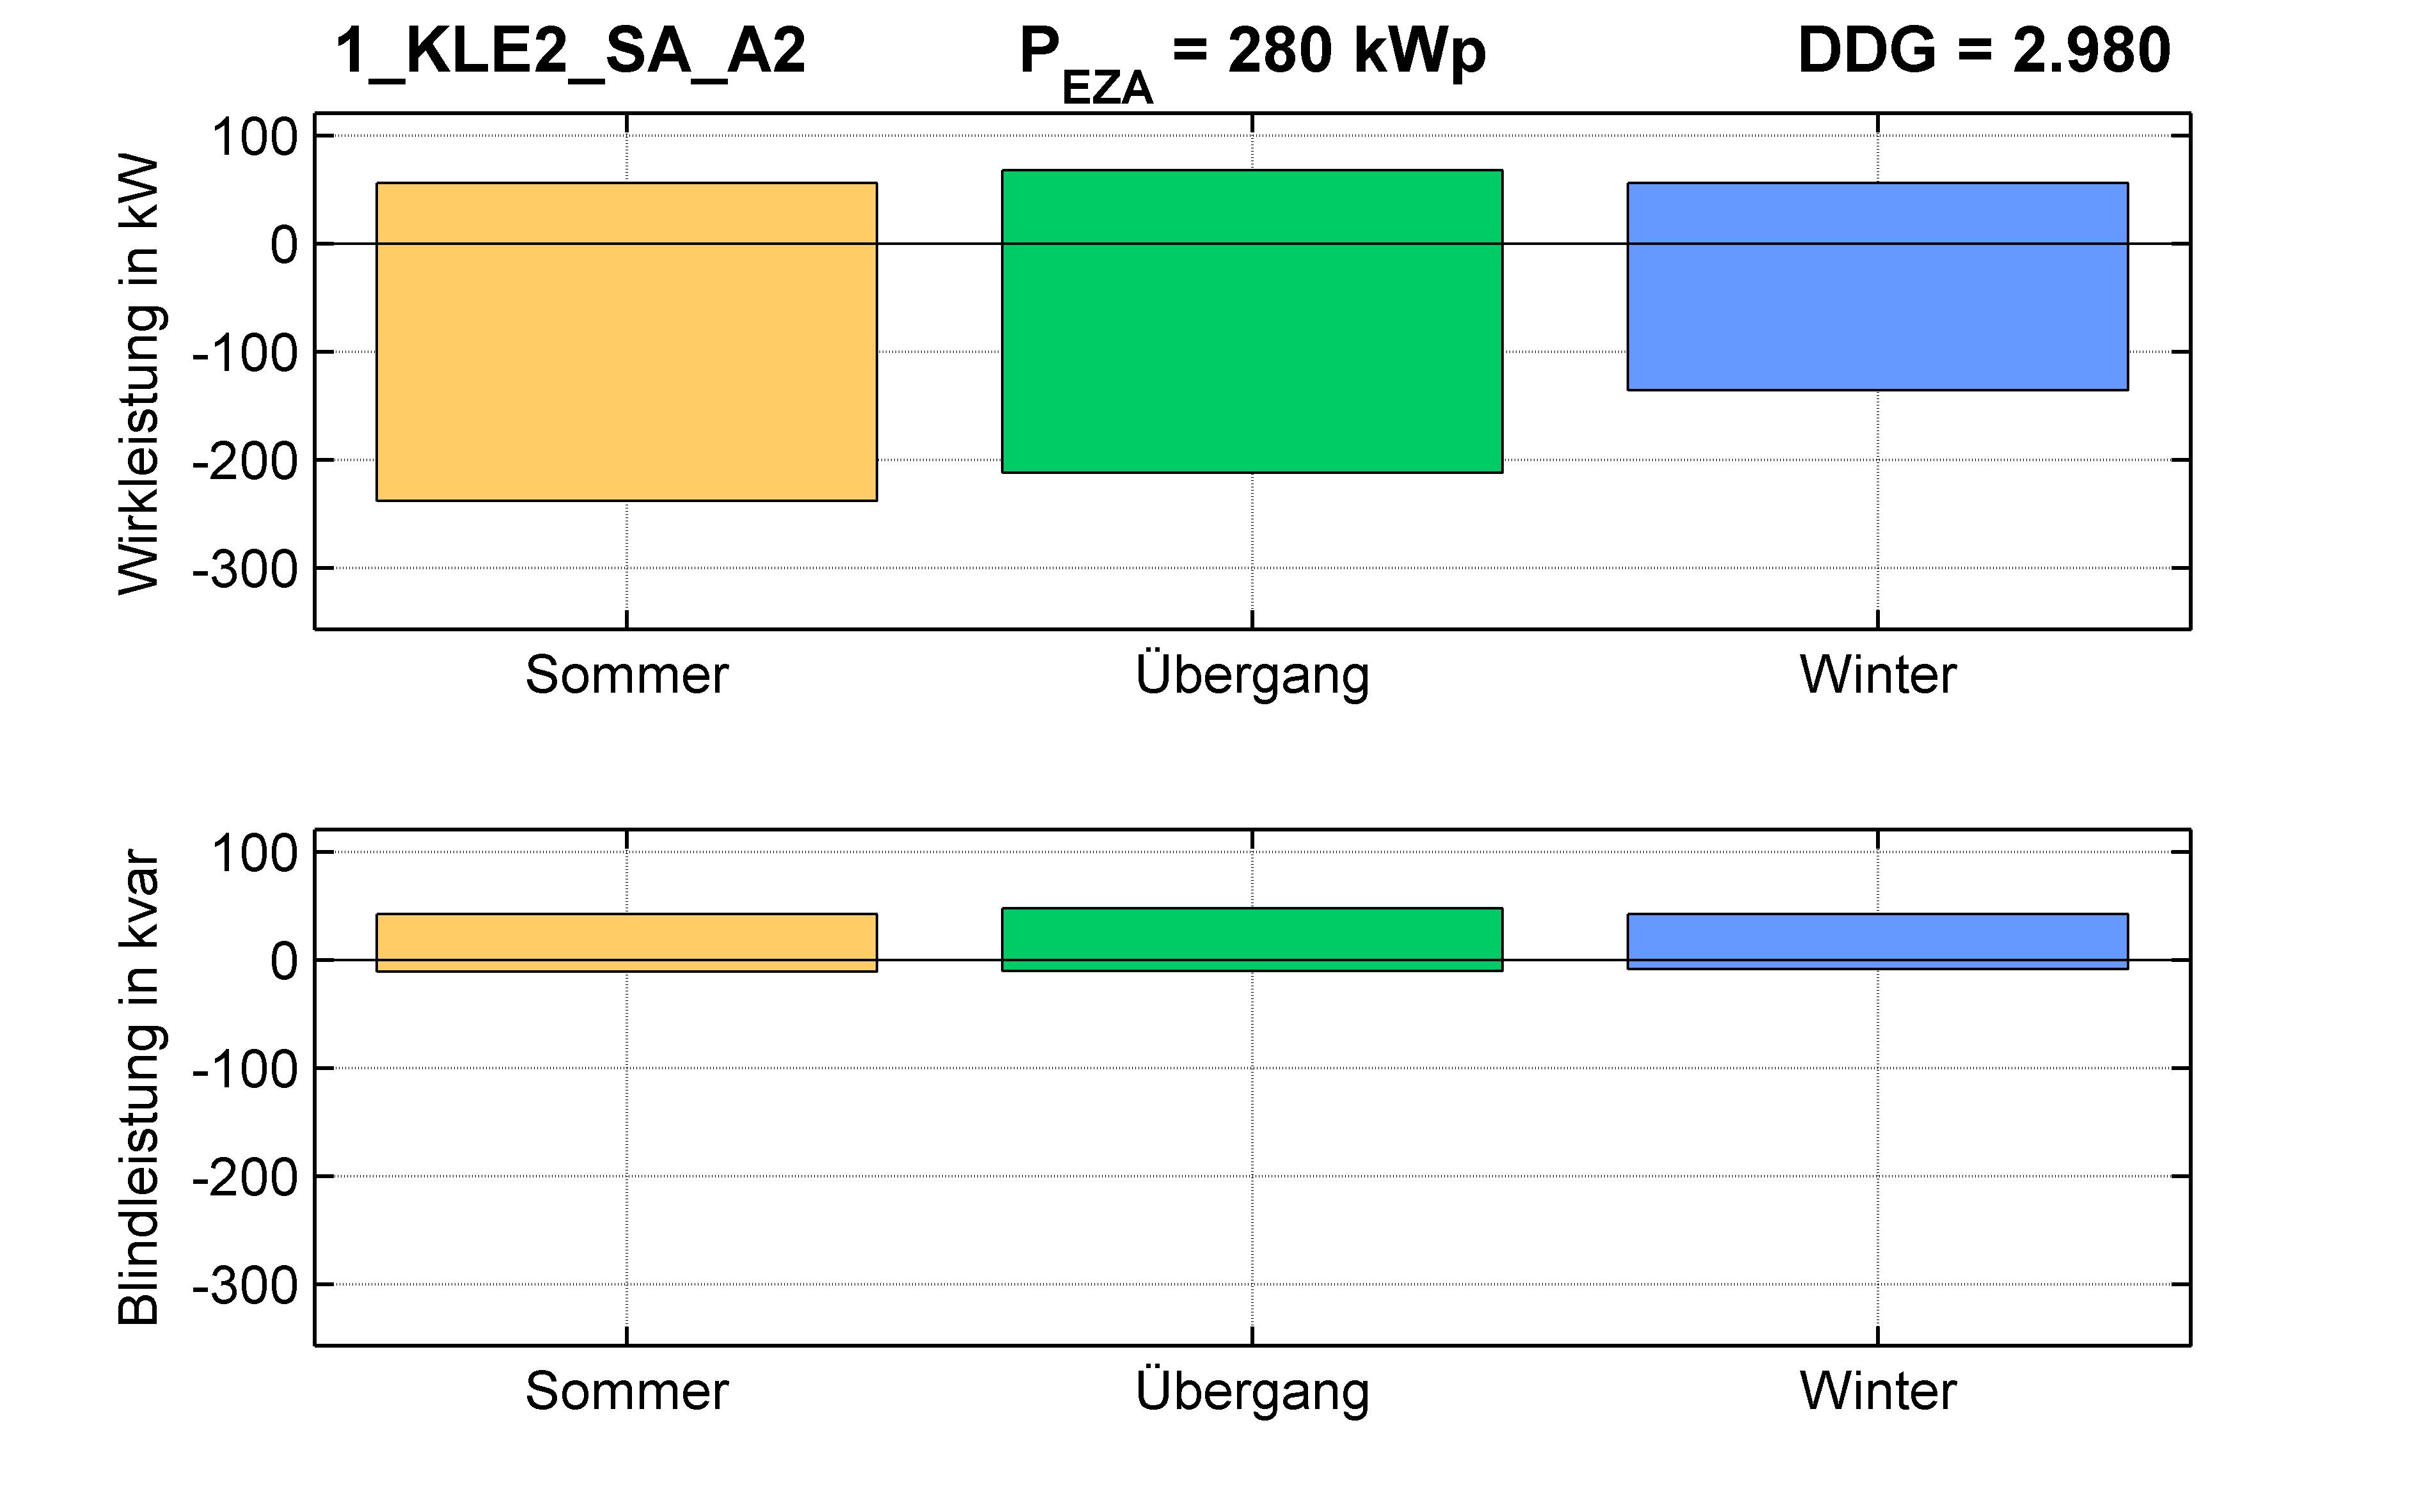 KLE2 | KABEL (SA) A2 | PQ-Bilanz